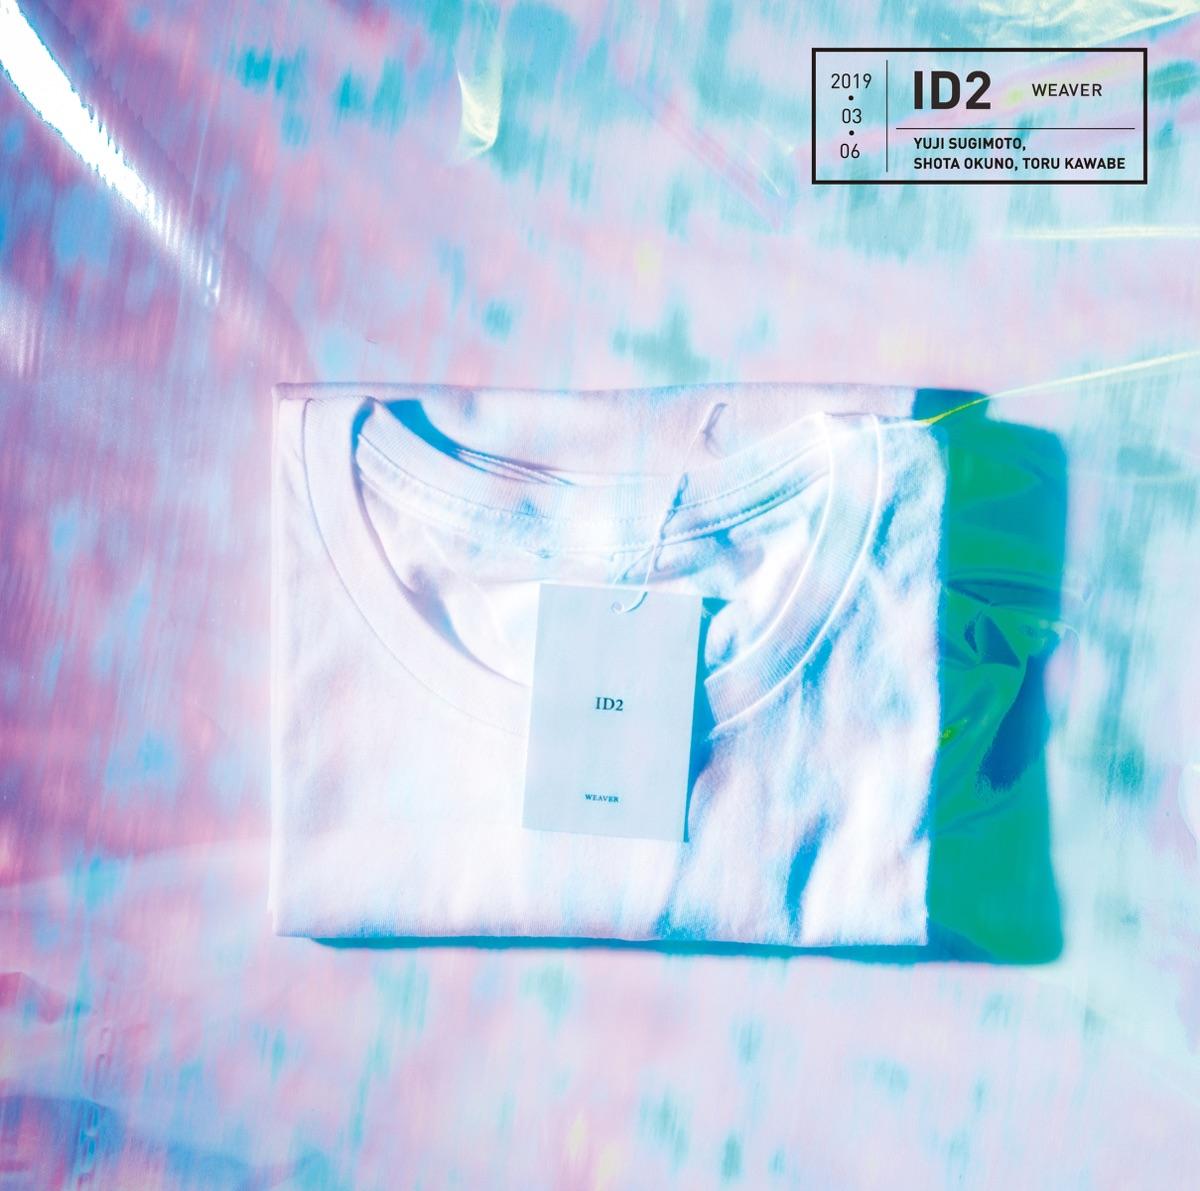 『WEAVER - カーテンコール』収録の『ID2』ジャケット